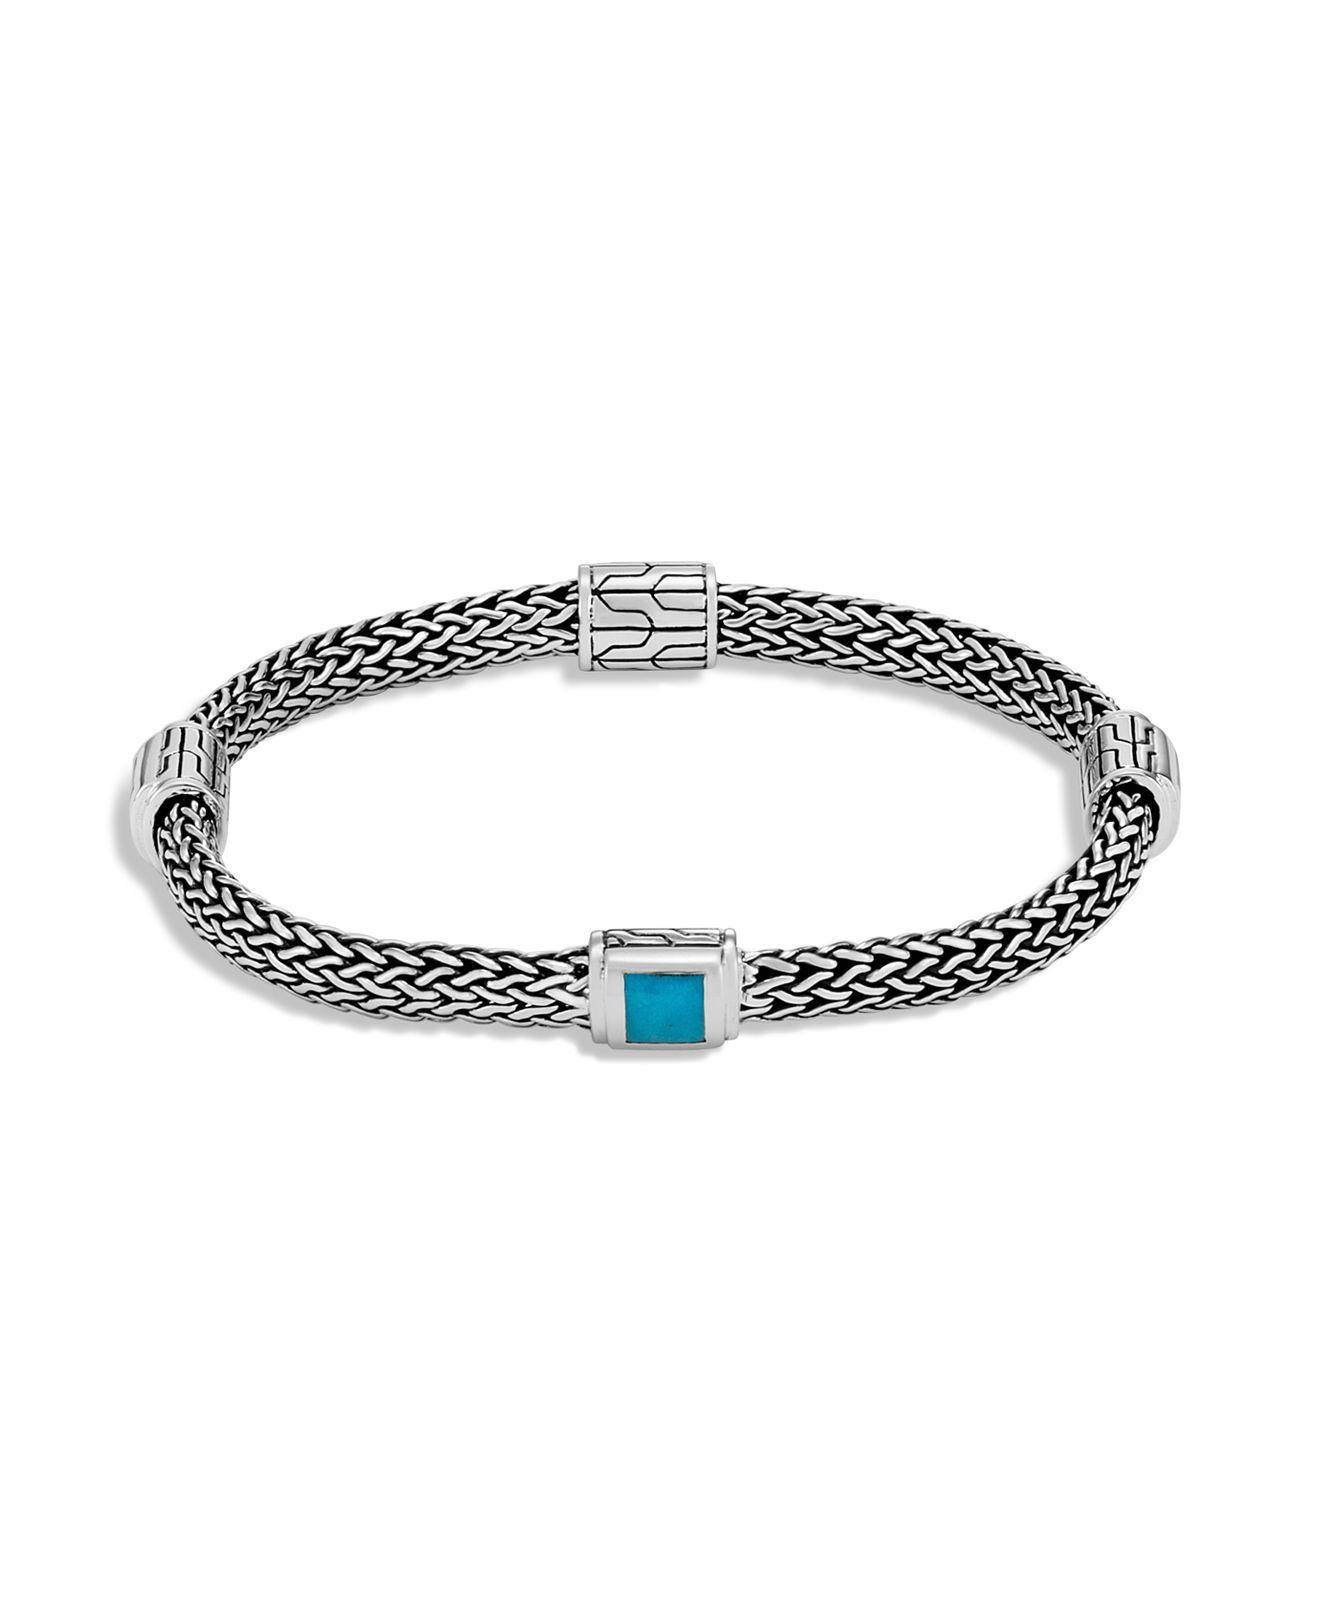 John Hardy Bedeg Silver Extra Small Four-Station Bracelet, Size M